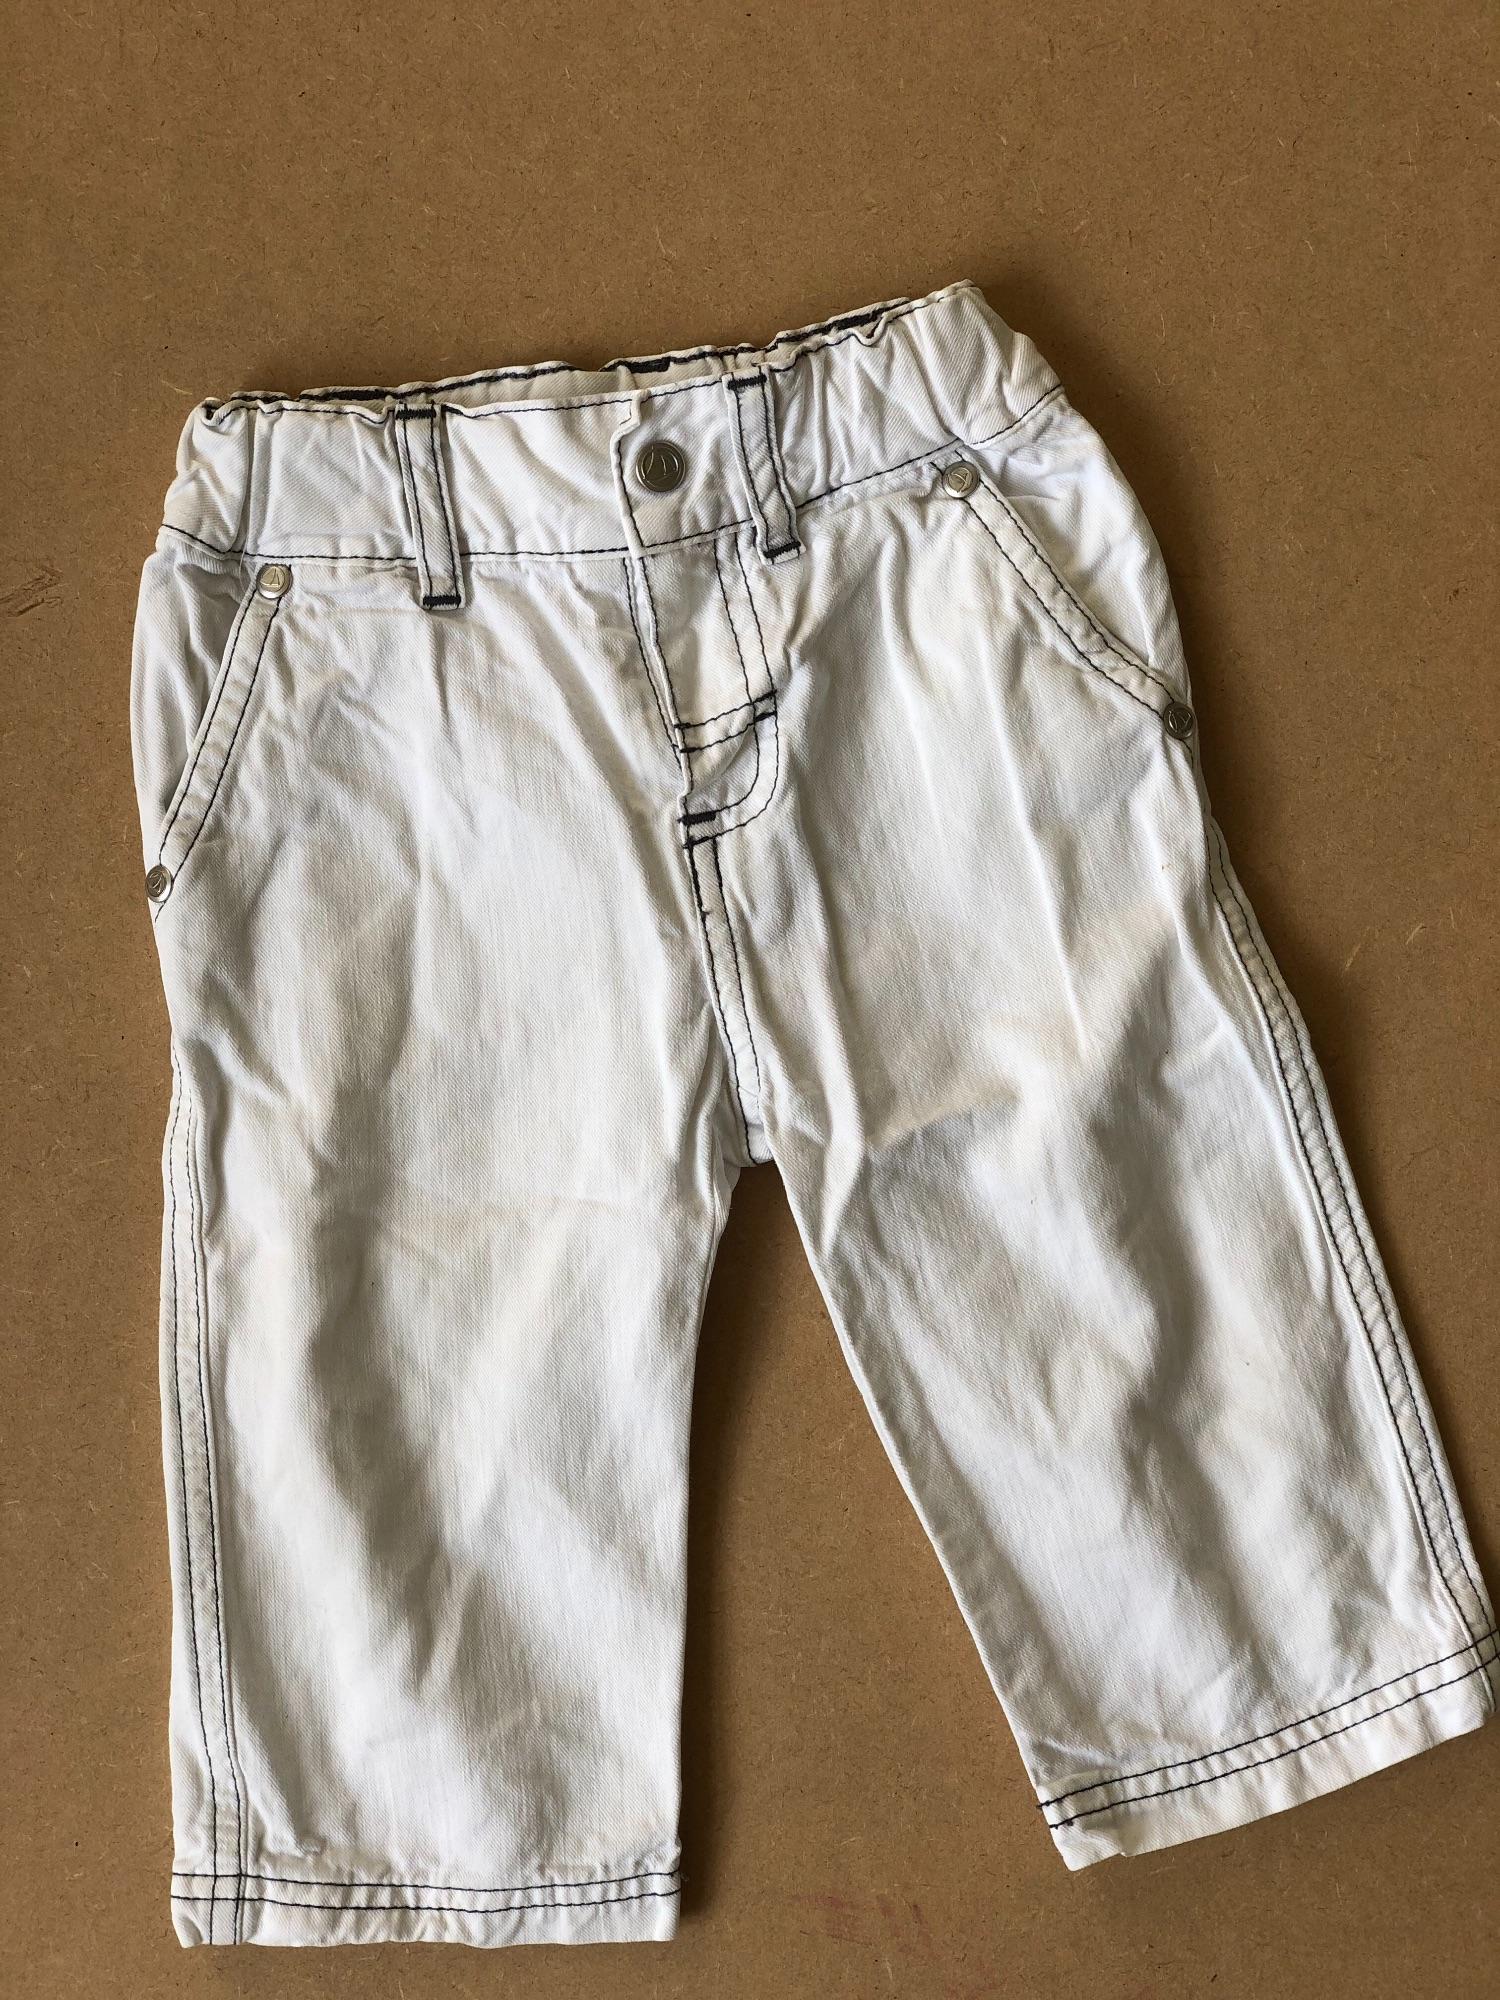 Nette witte broek van Petit Bateau